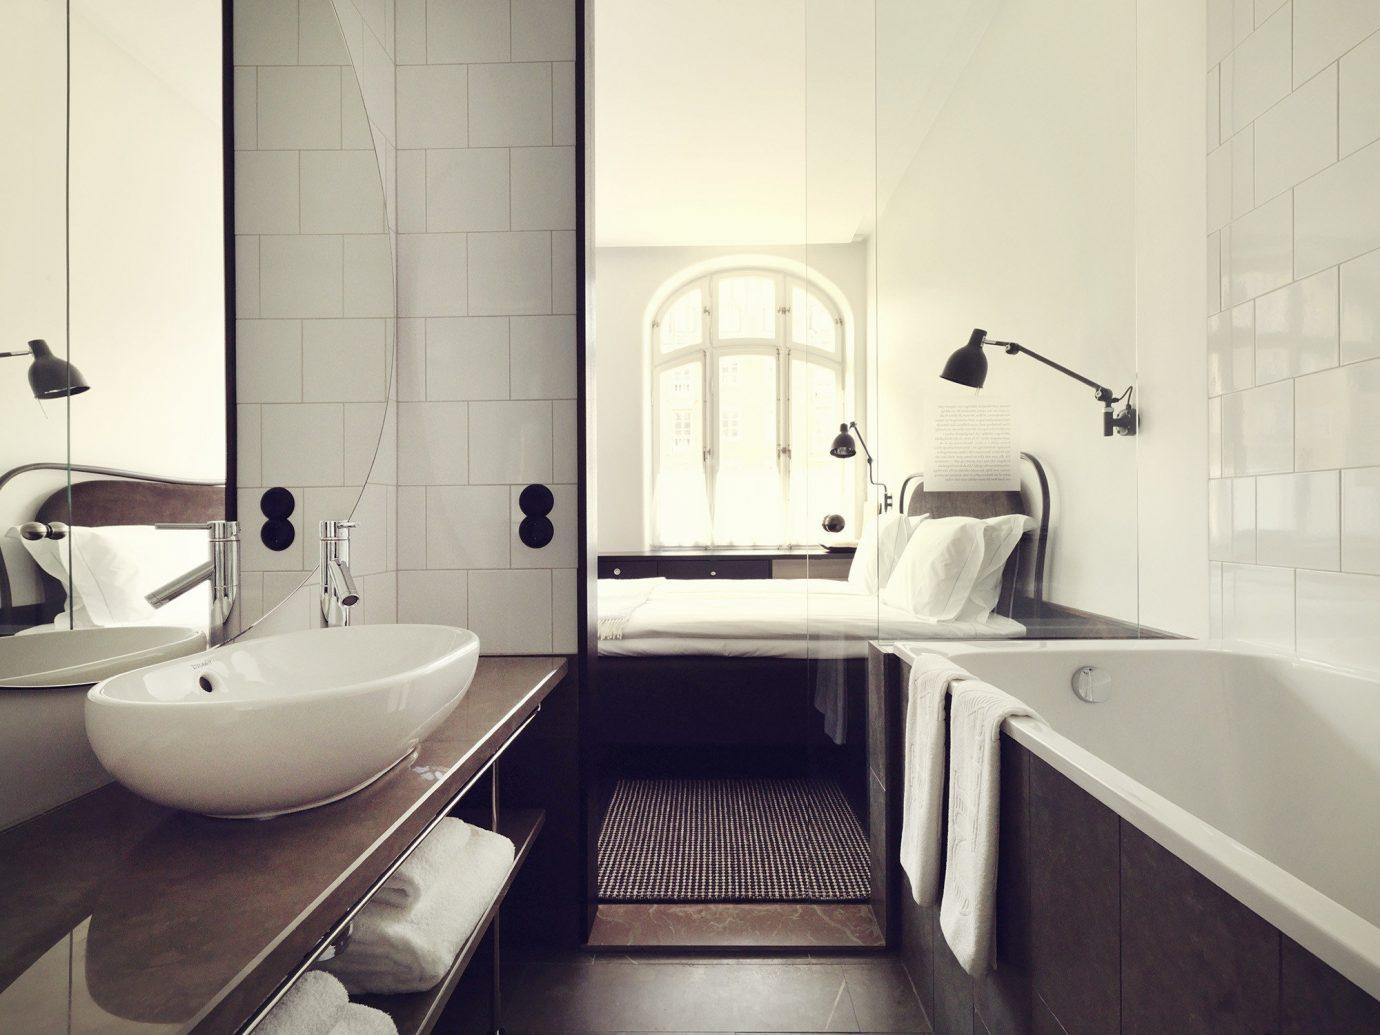 Hotels Stockholm Sweden wall bathroom indoor room property interior design Architecture sink white tap home floor plumbing fixture product design window flooring tile